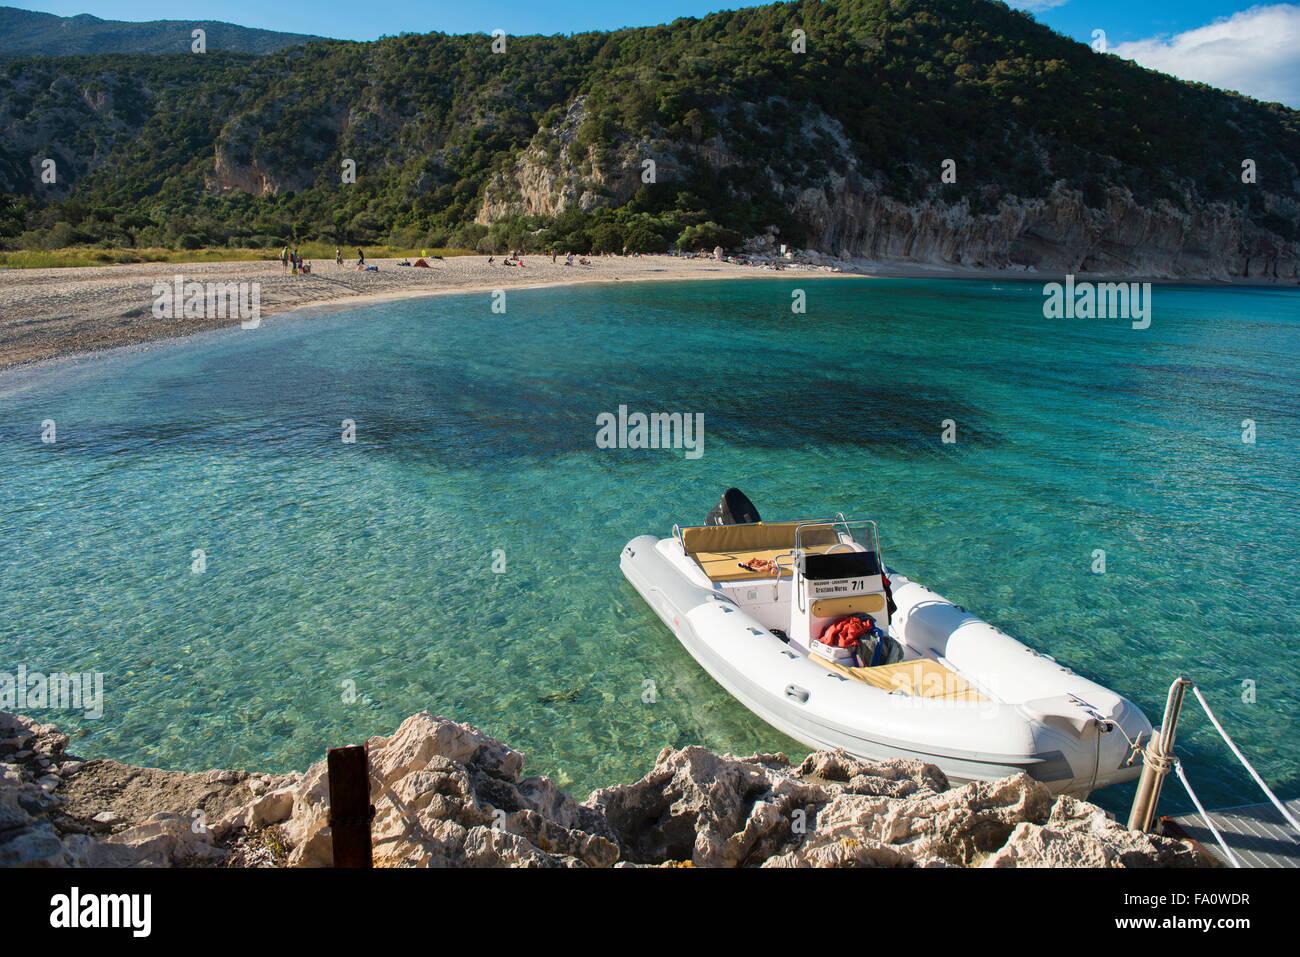 Cala Luna beach, Gulfo di Orosei, Cerdeña, Italia con barco en primer plano Imagen De Stock